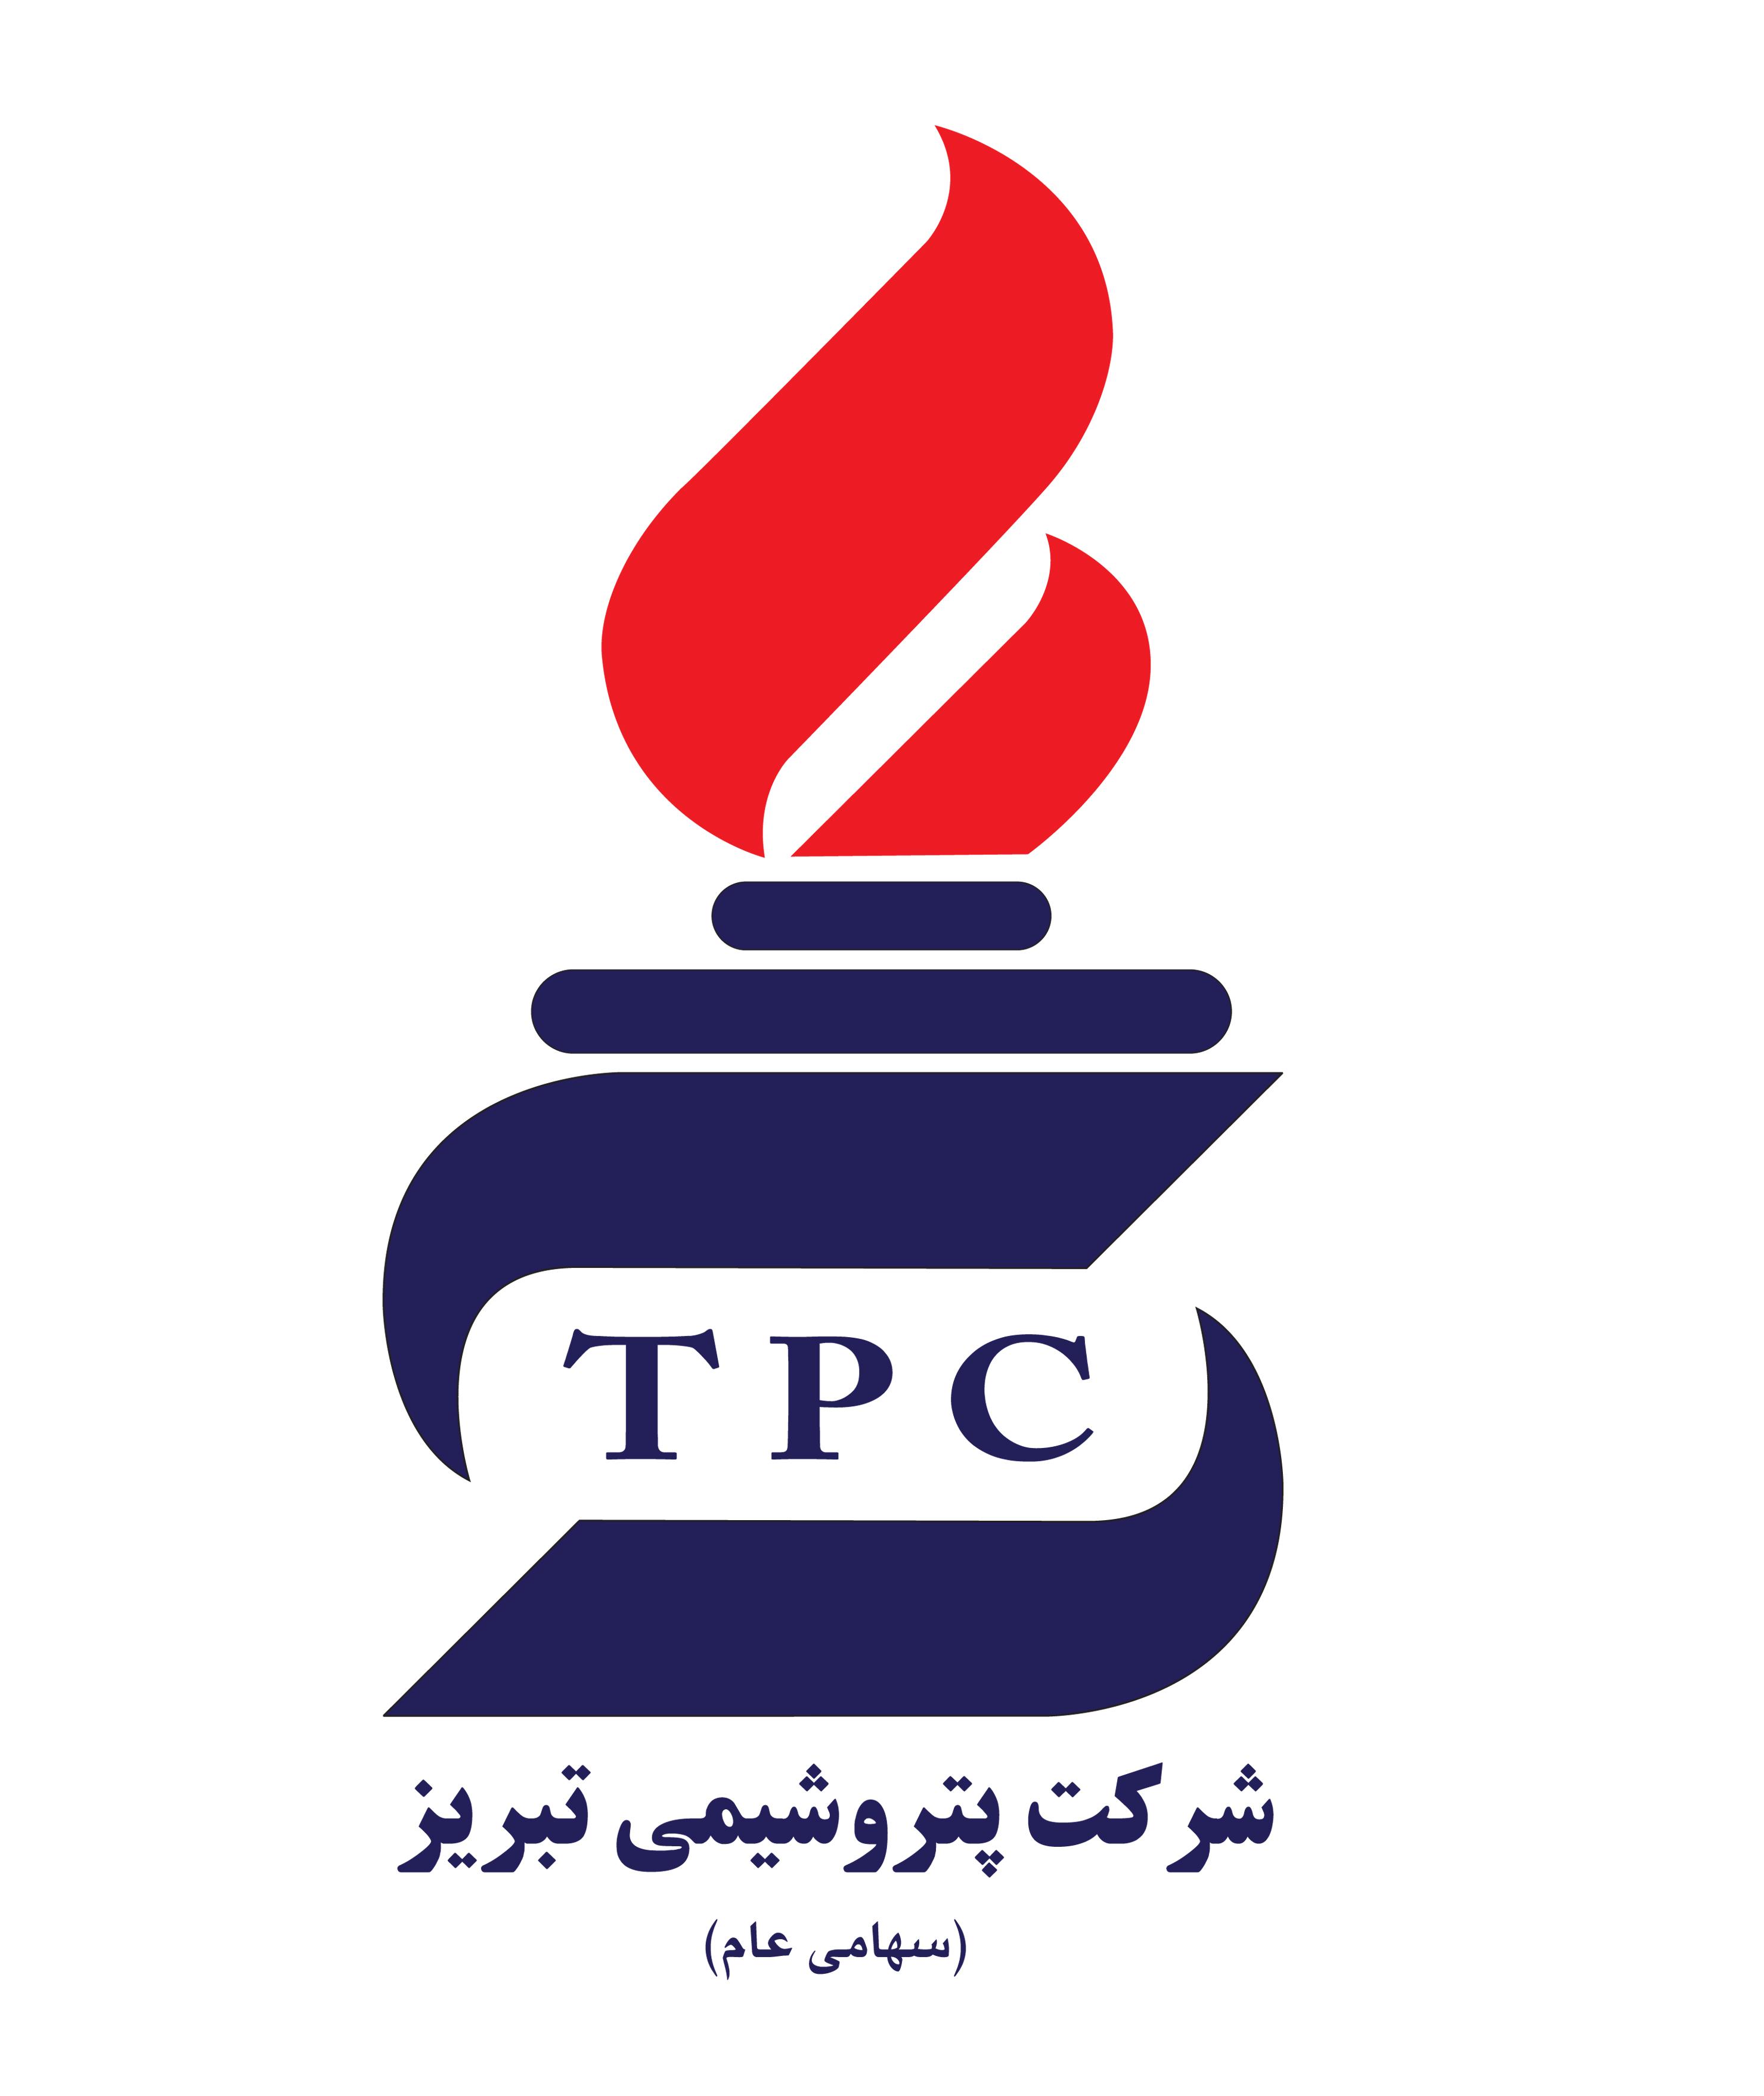 ظرفیت تولید پتروشیمی تبریز دو برابر می شود